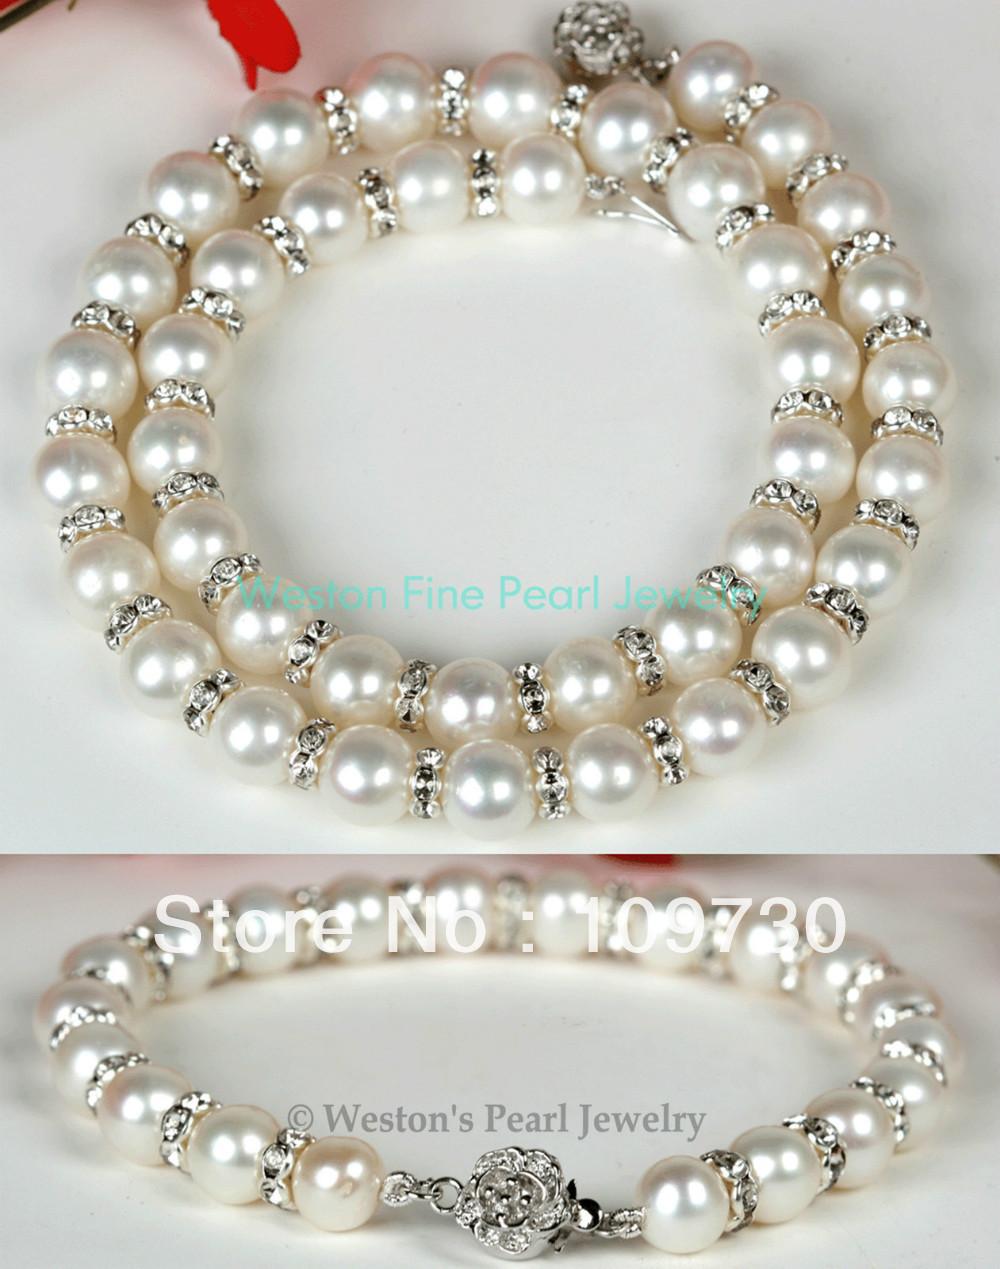 BRACELET de collier de perles d'eau douce de culture fait main blanc naturel